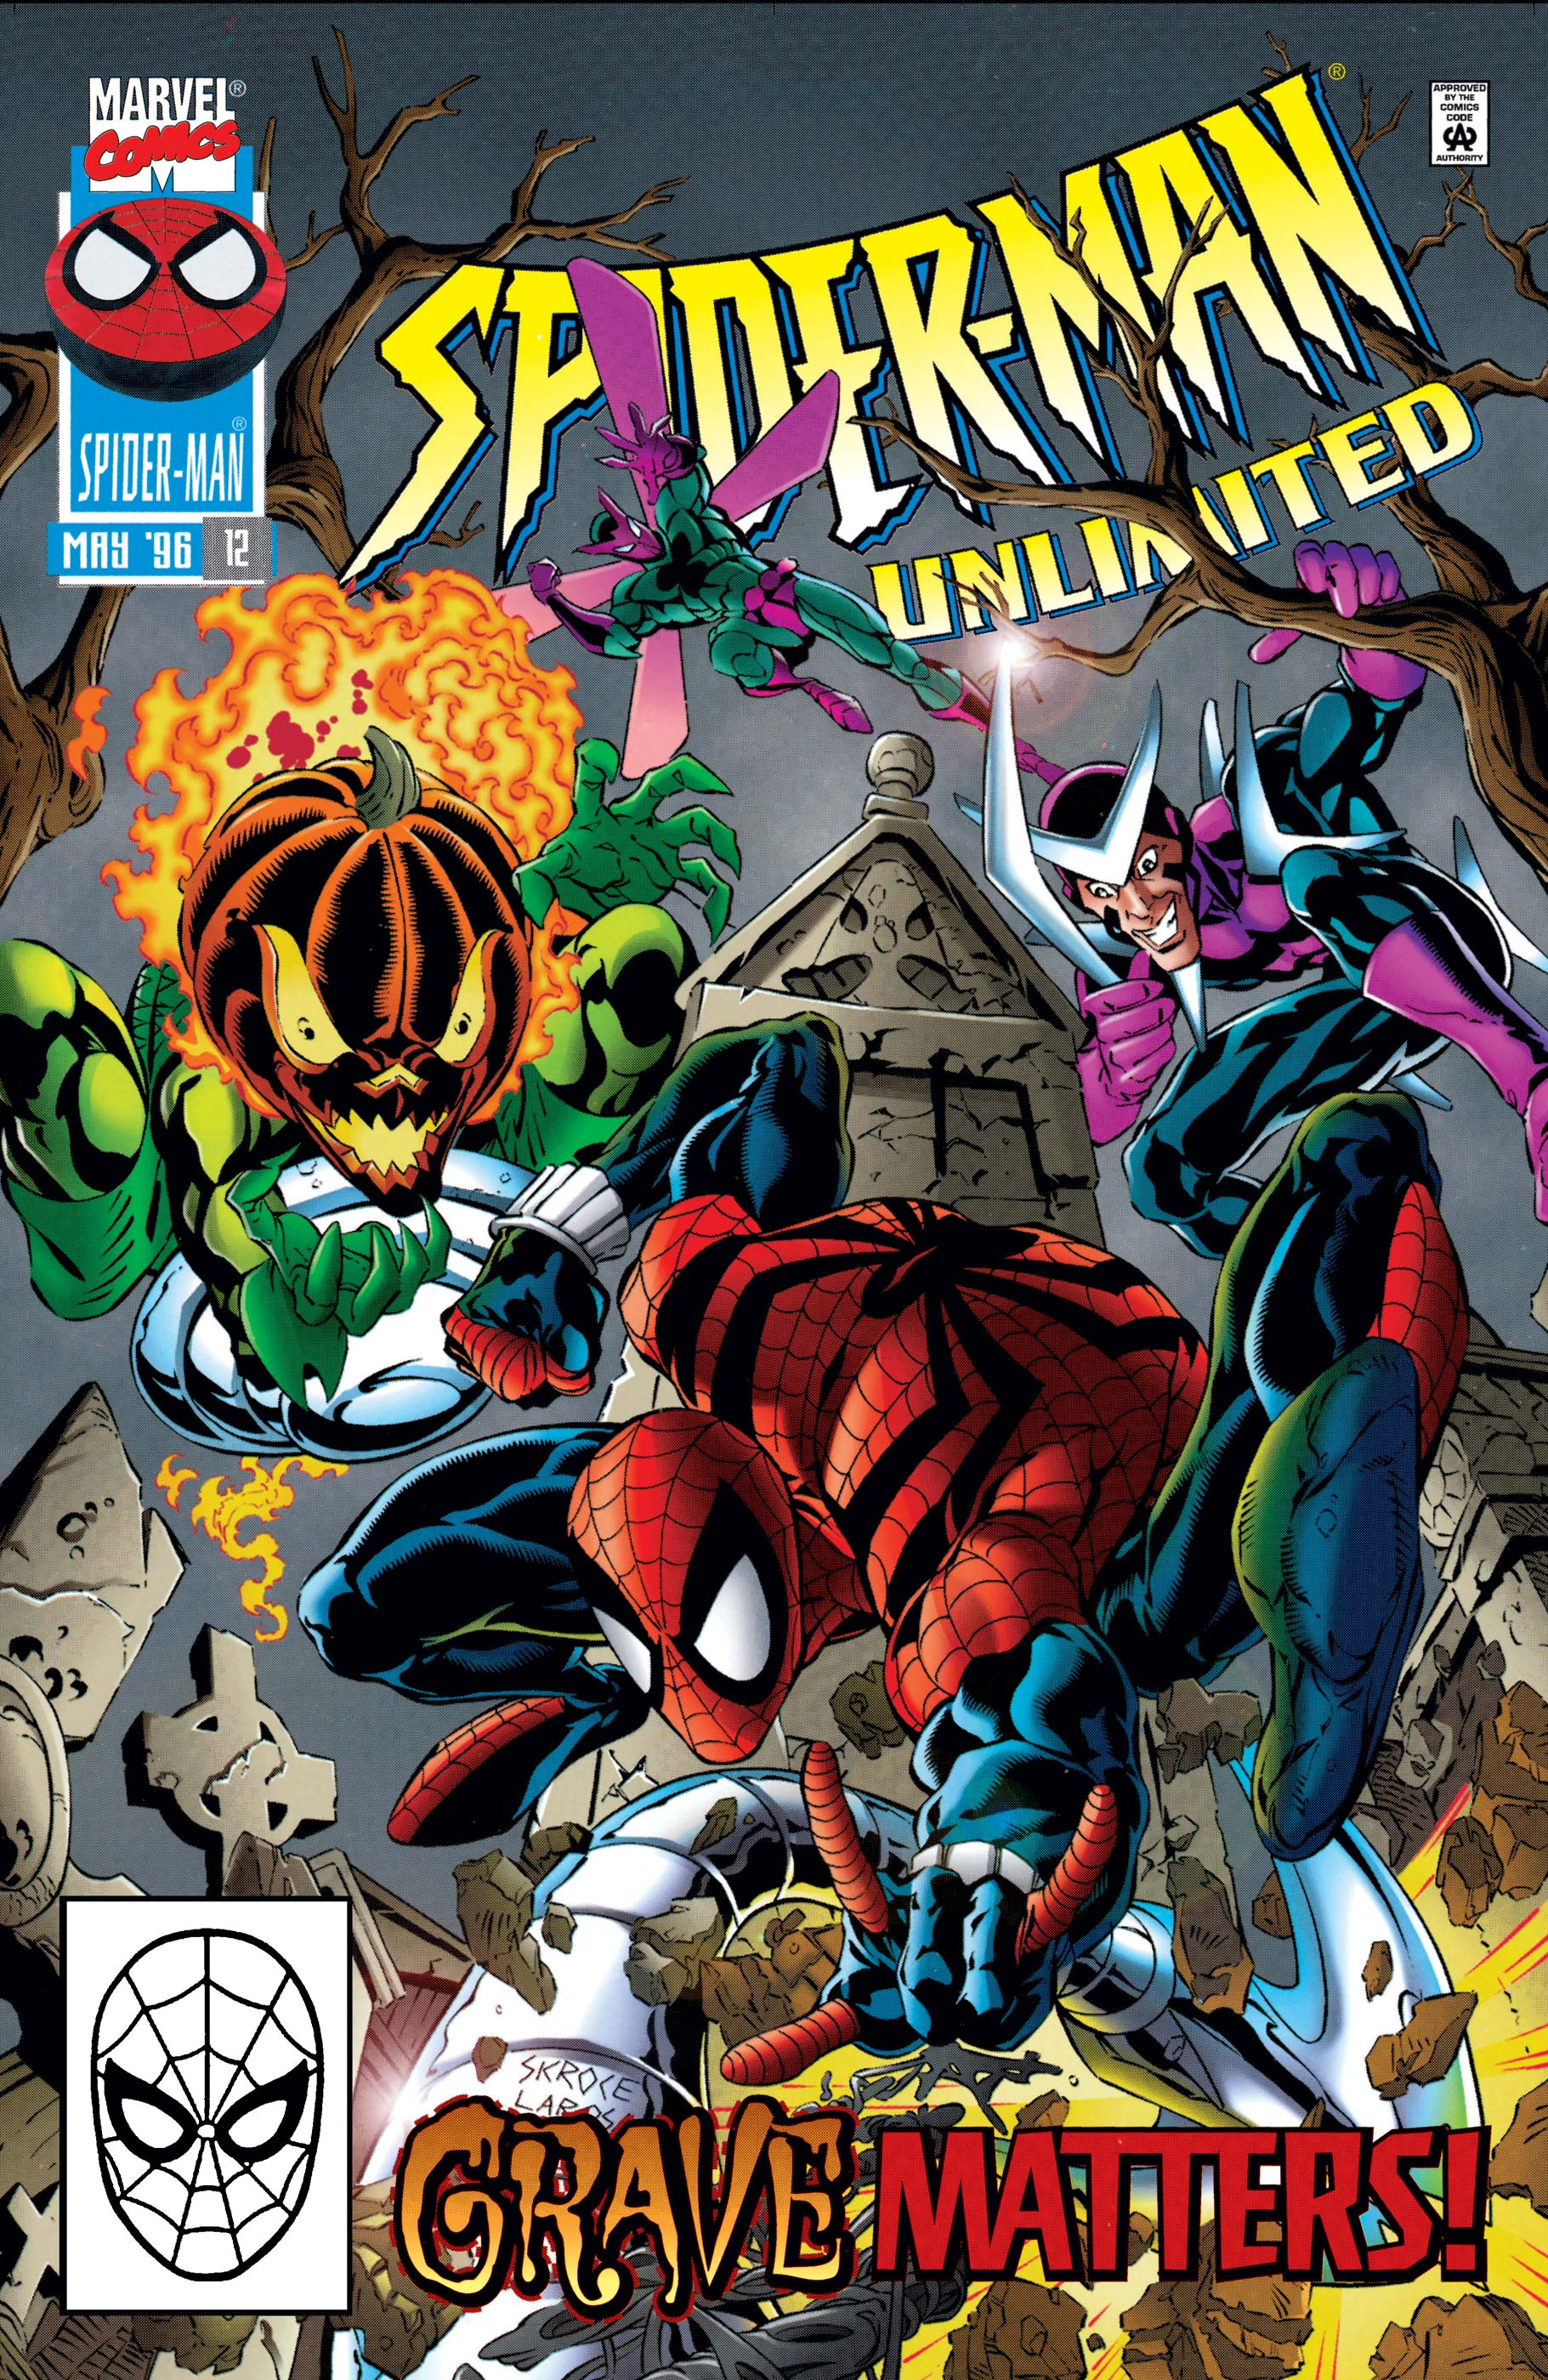 Spider-Man Unlimited (1993) #12